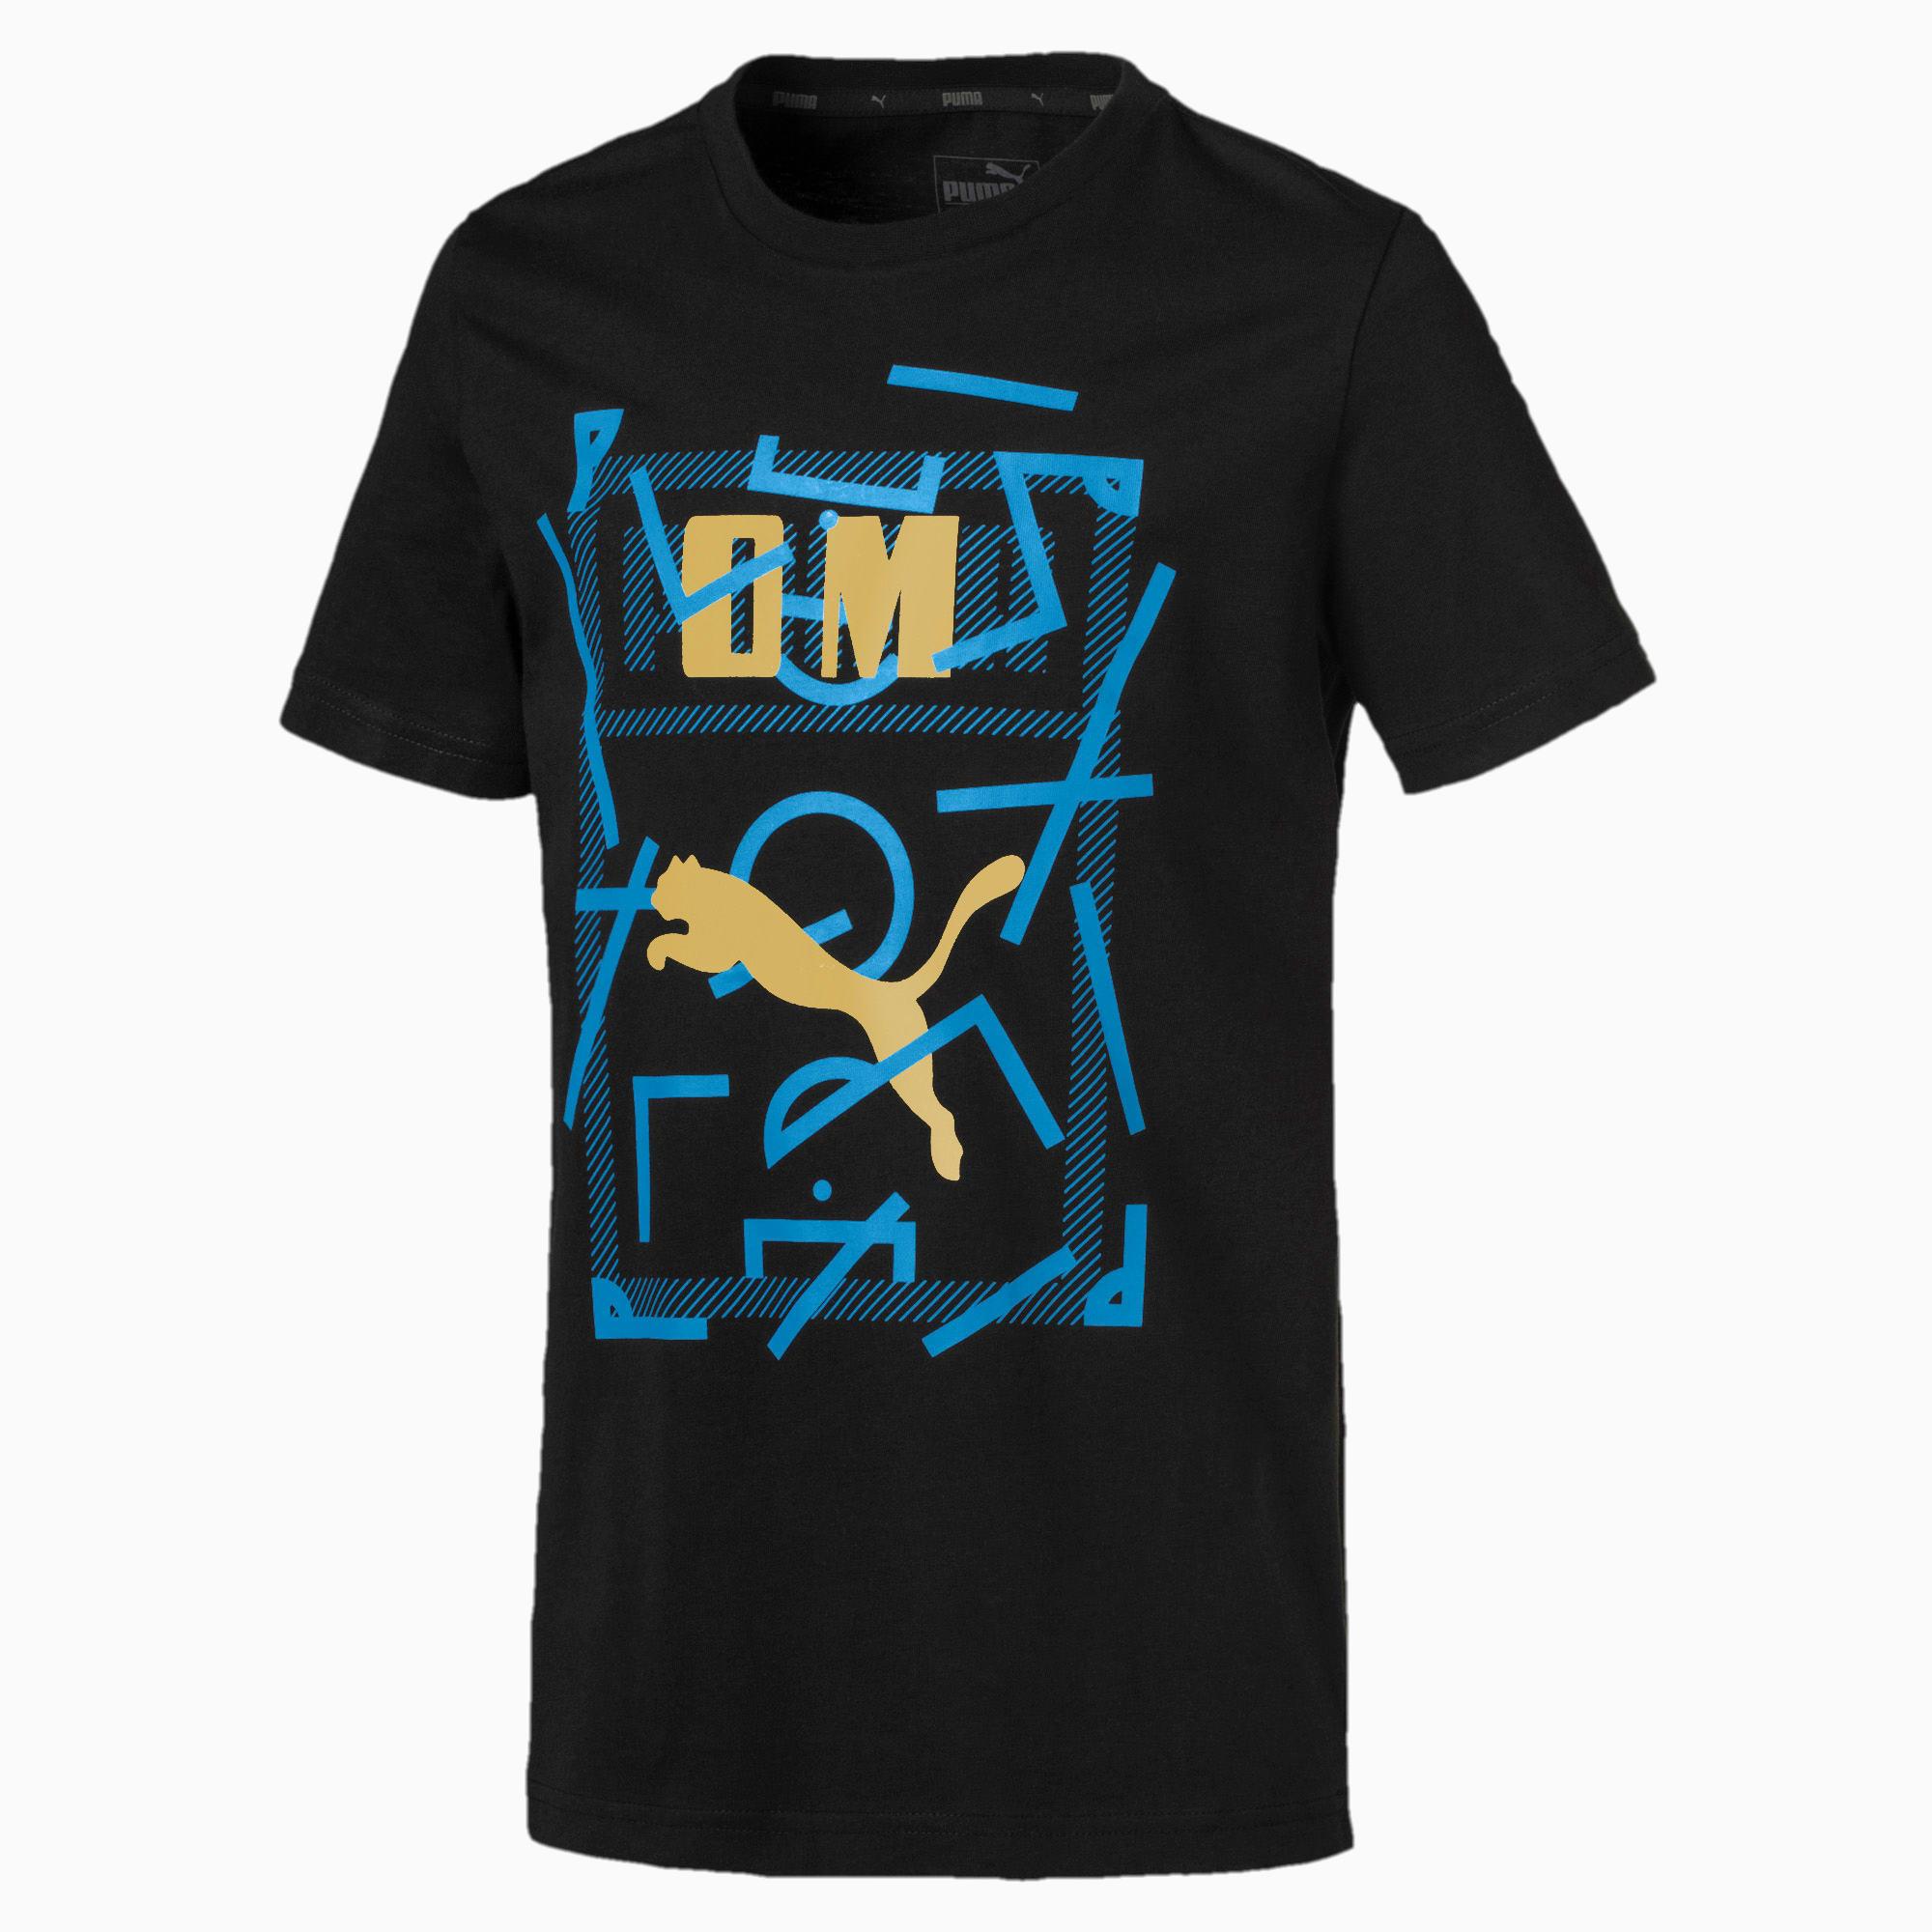 PUMA T-Shirt Olympique de Marseille DNA pour enfant, Noir, Taille 140, Vêtements